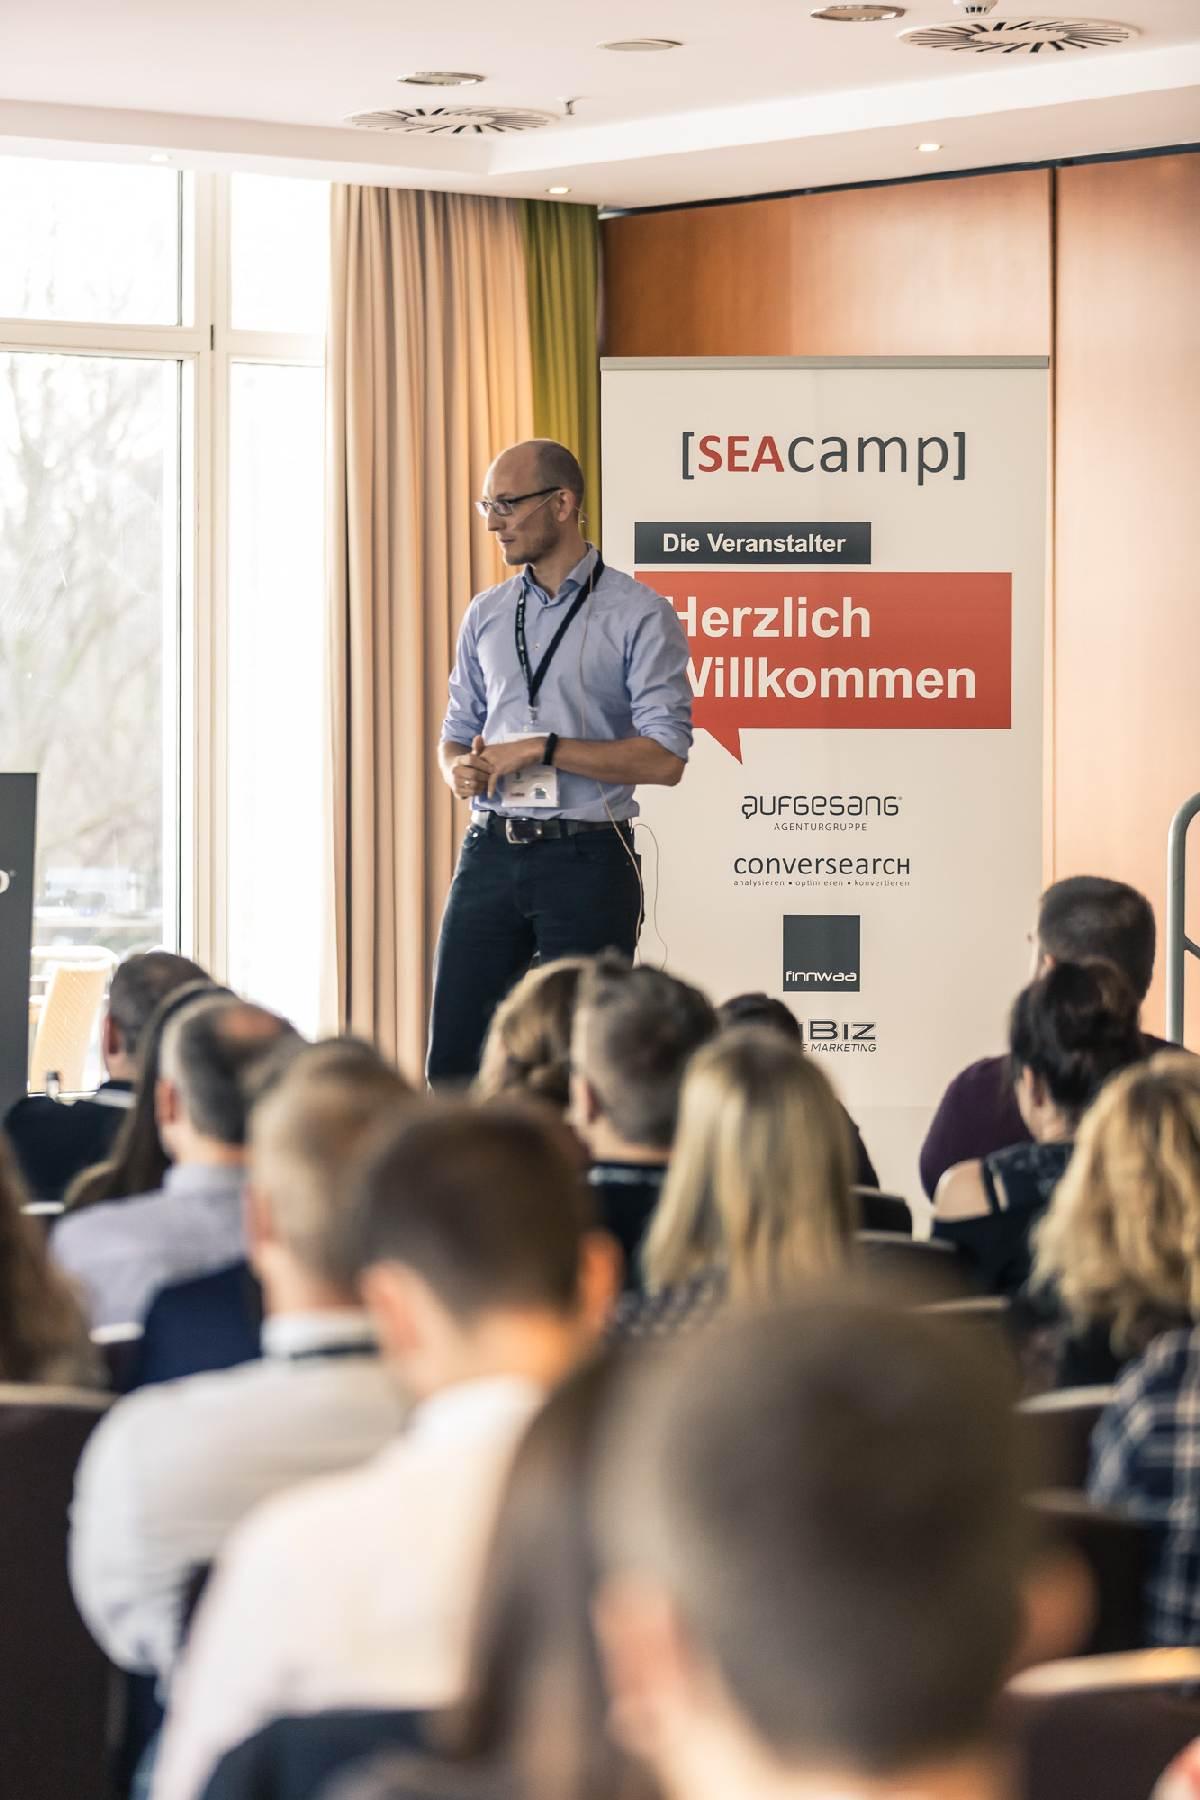 hannover_2017_SEAcamp-645